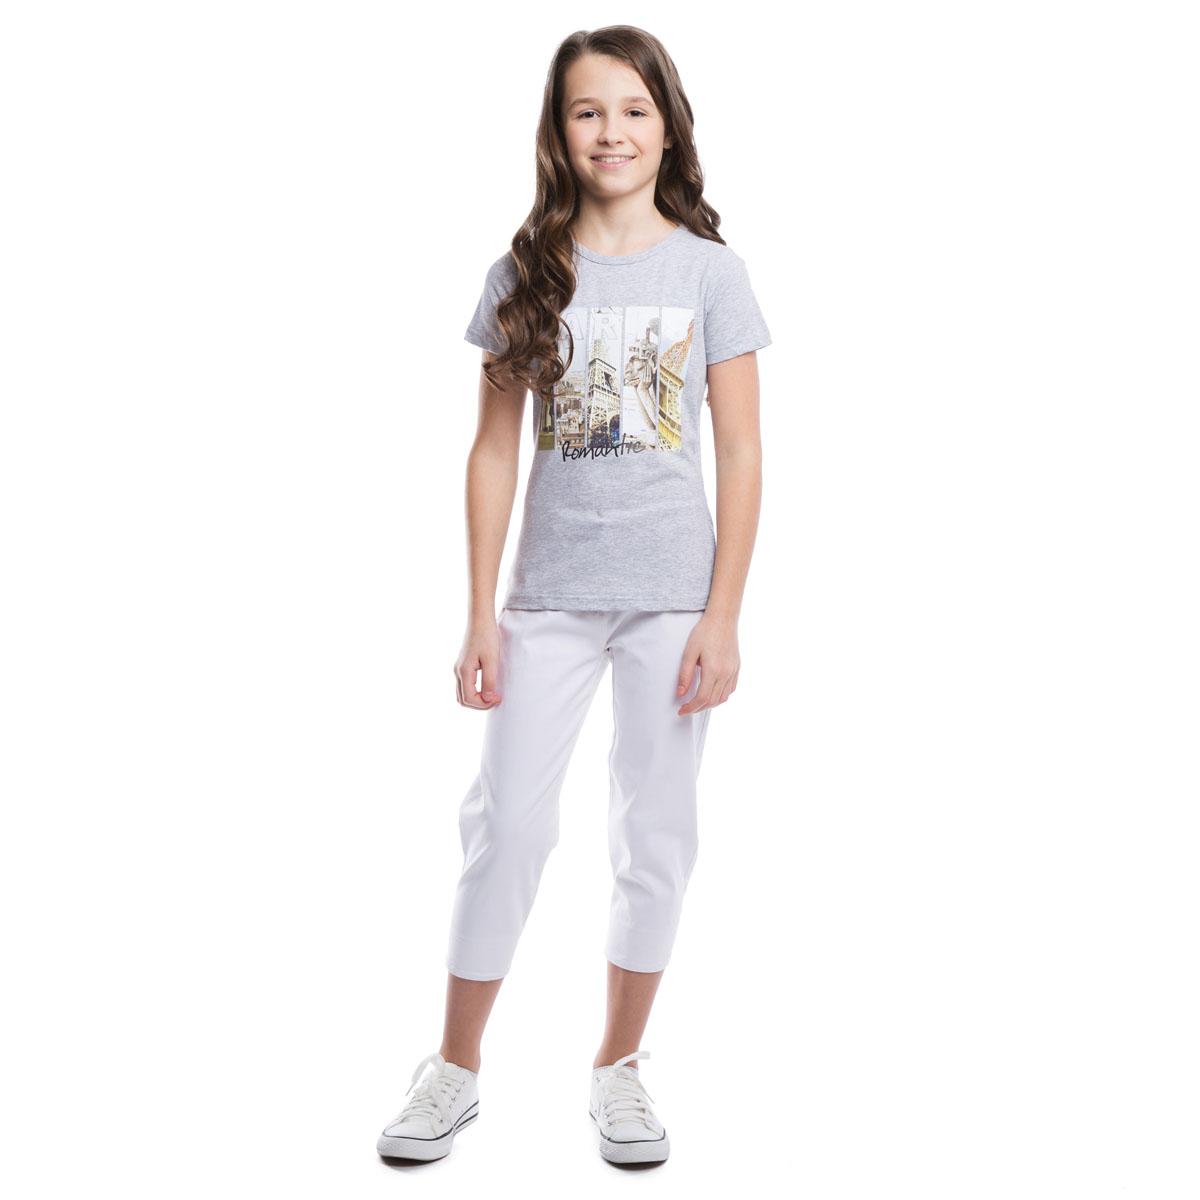 Футболка264013Стильная хлопковая футболка с эластичной бейкой на воротнике. Универсальный цвет позволяет сочетать ее с любой одеждой. Модель оформлена резиновым фотопринтом с видами Парижа.